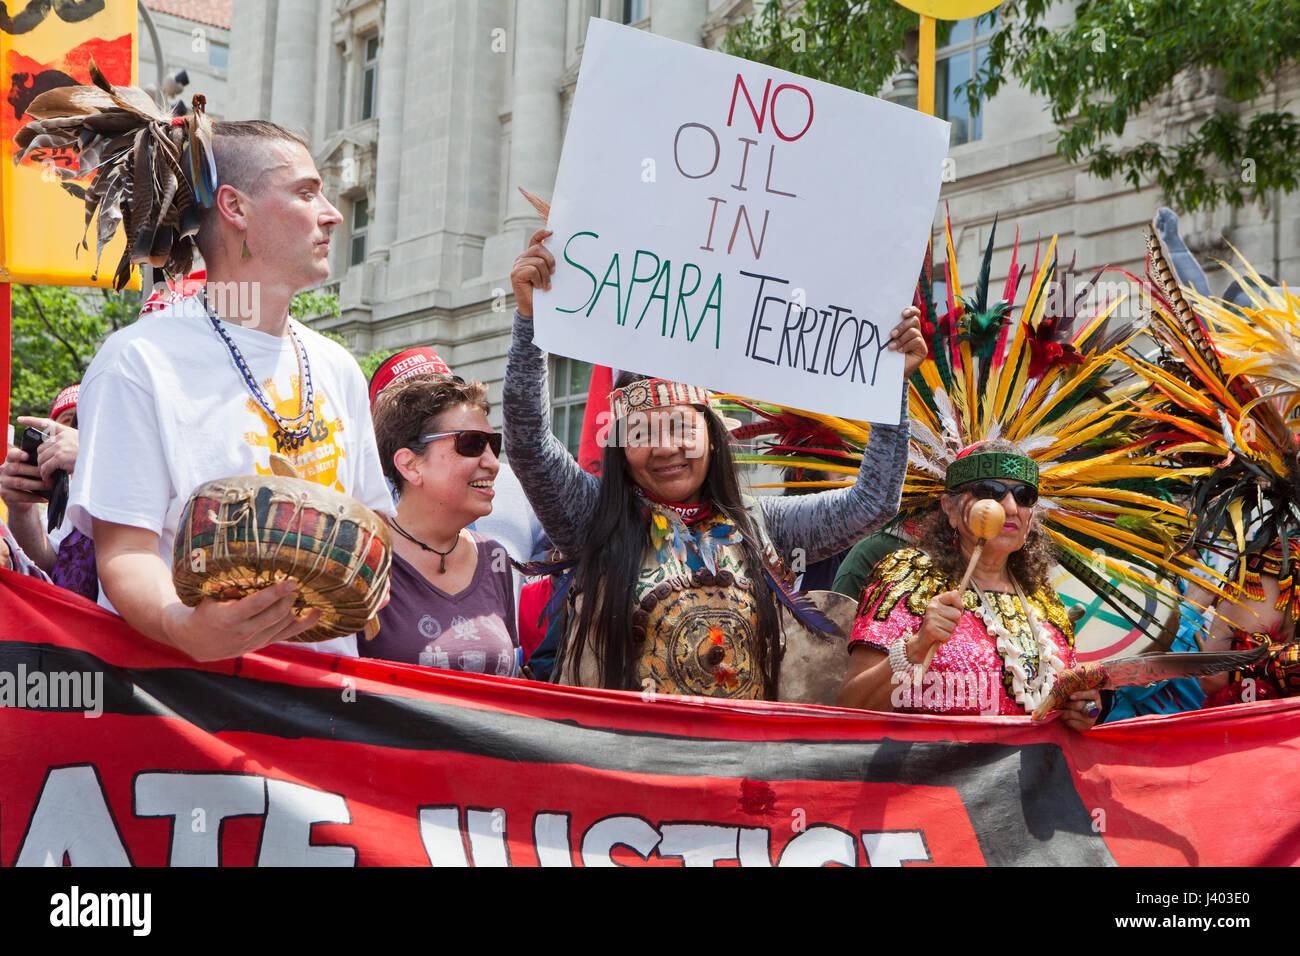 Los Nativos Americanos protestando durante clima popular Marzo - Abril 29, 2017, Washington, DC, EE.UU. Imagen De Stock